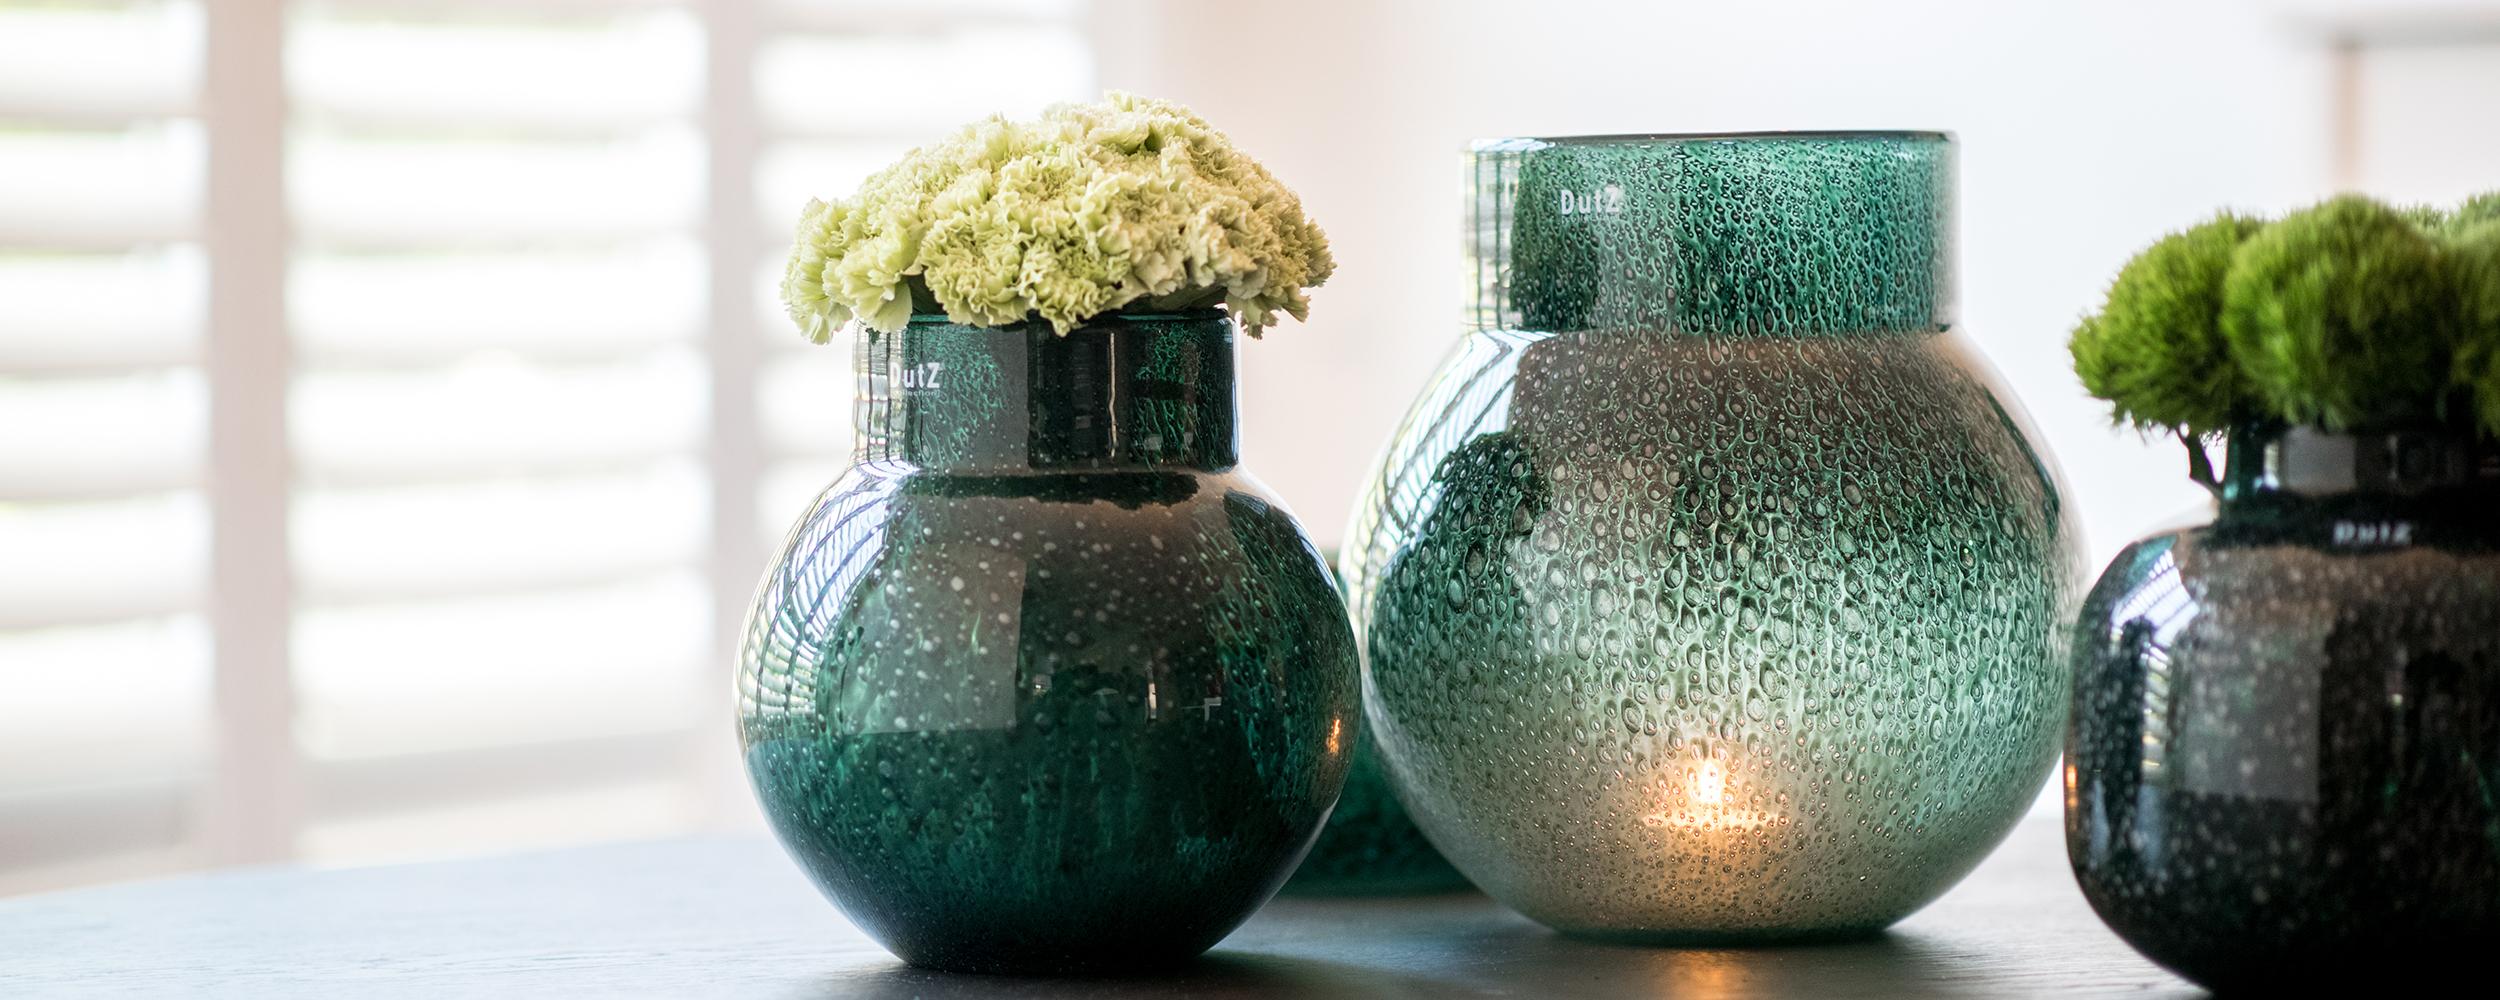 Glazen vazen die wat zeggen over DutZ collection